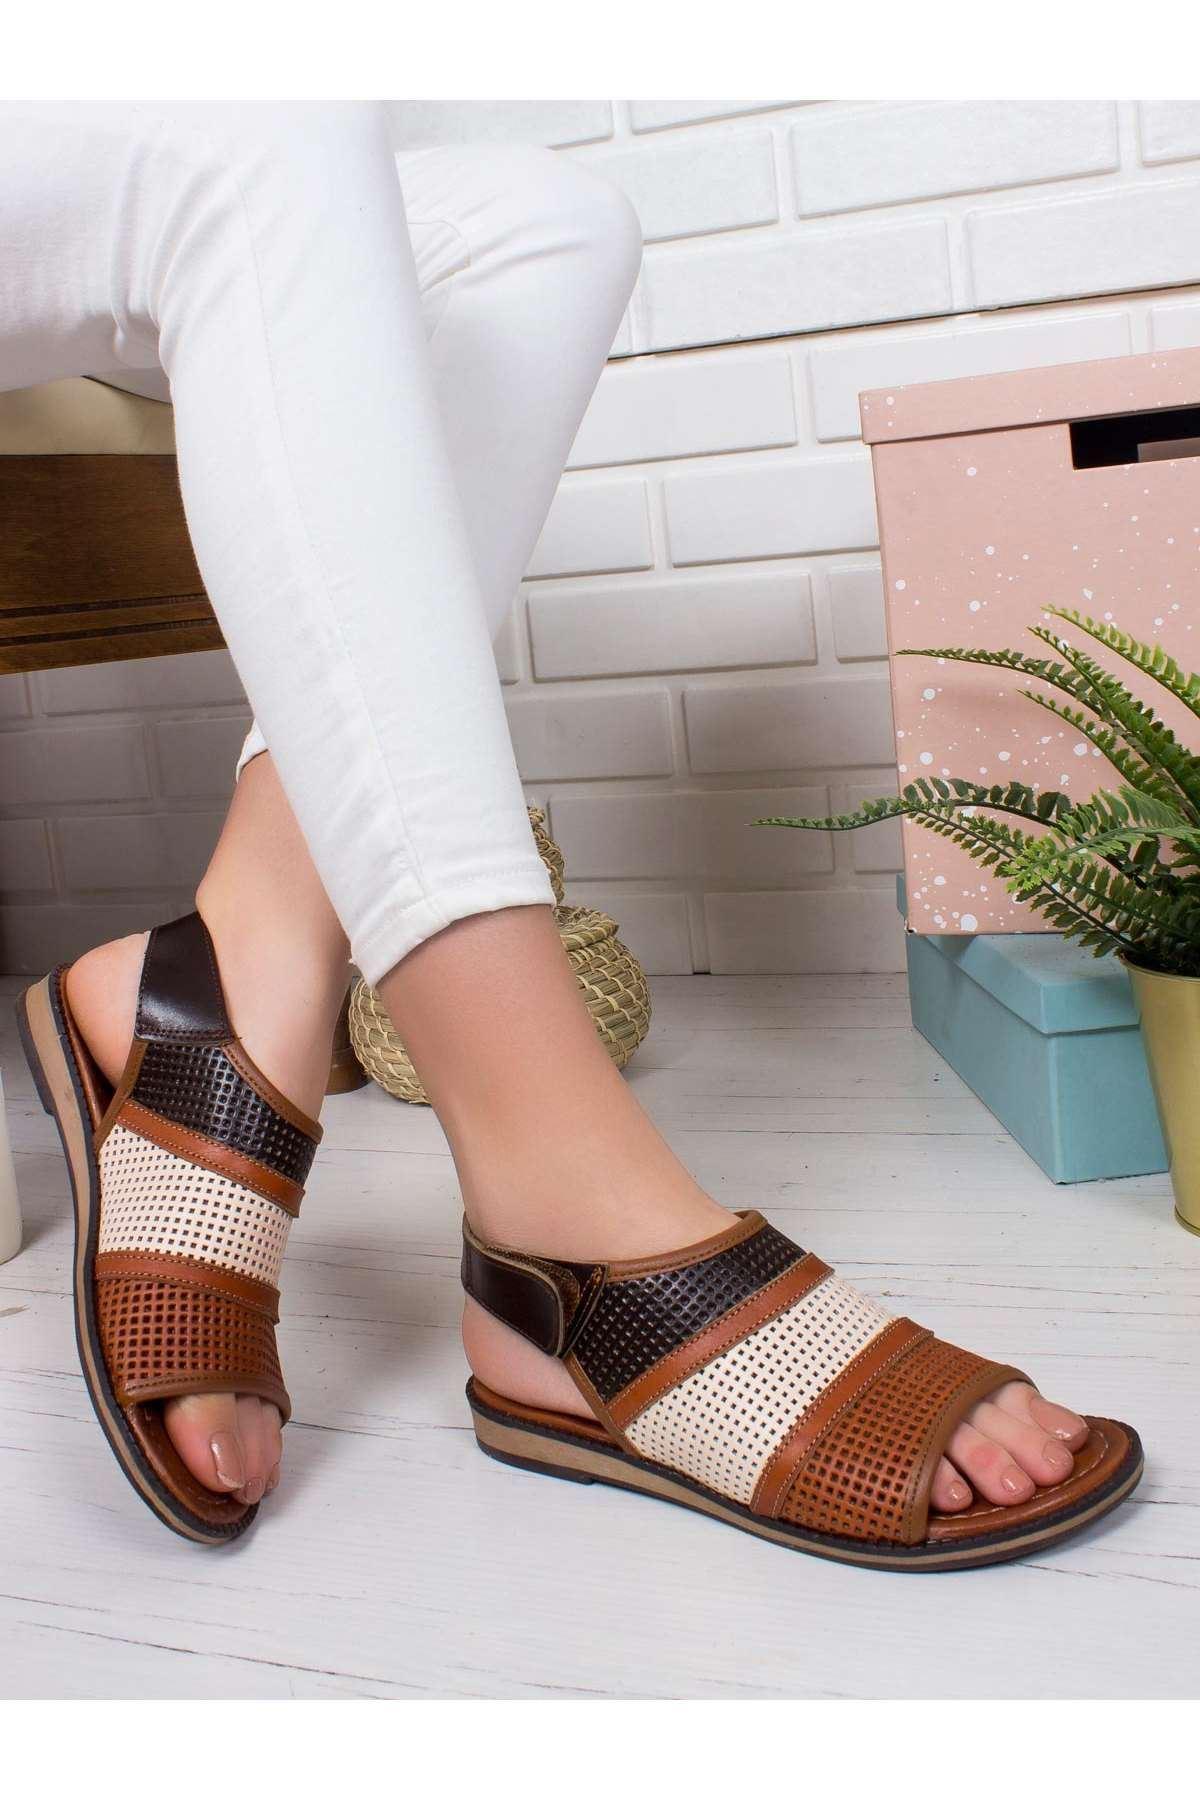 Star Hakiki Deri Sandalet MİX